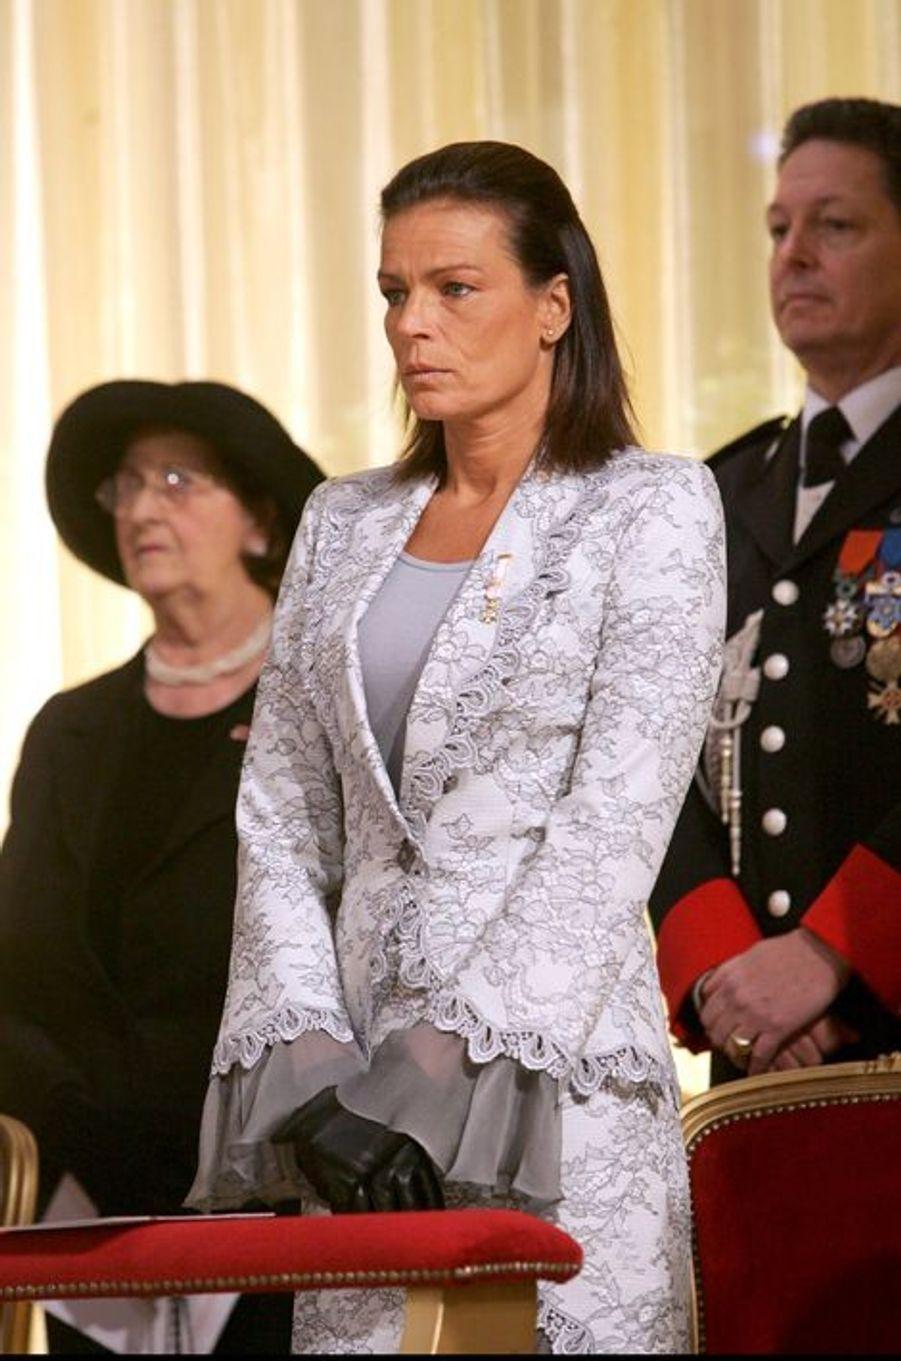 La princesse Stéphanie de Monaco le 19 novembre 2007